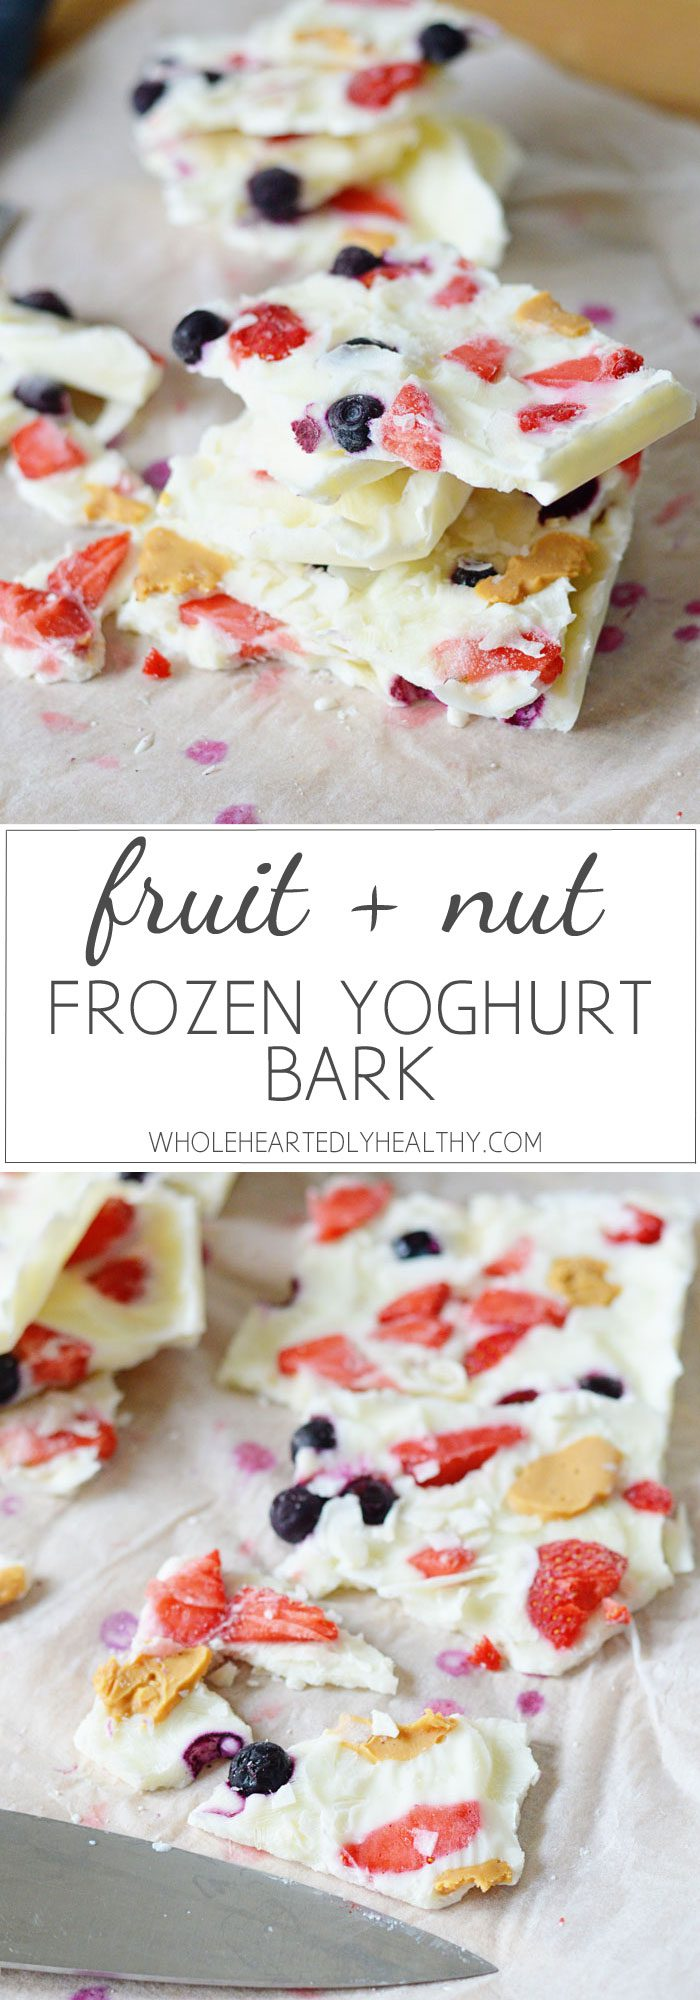 Frozen yoghurt bark